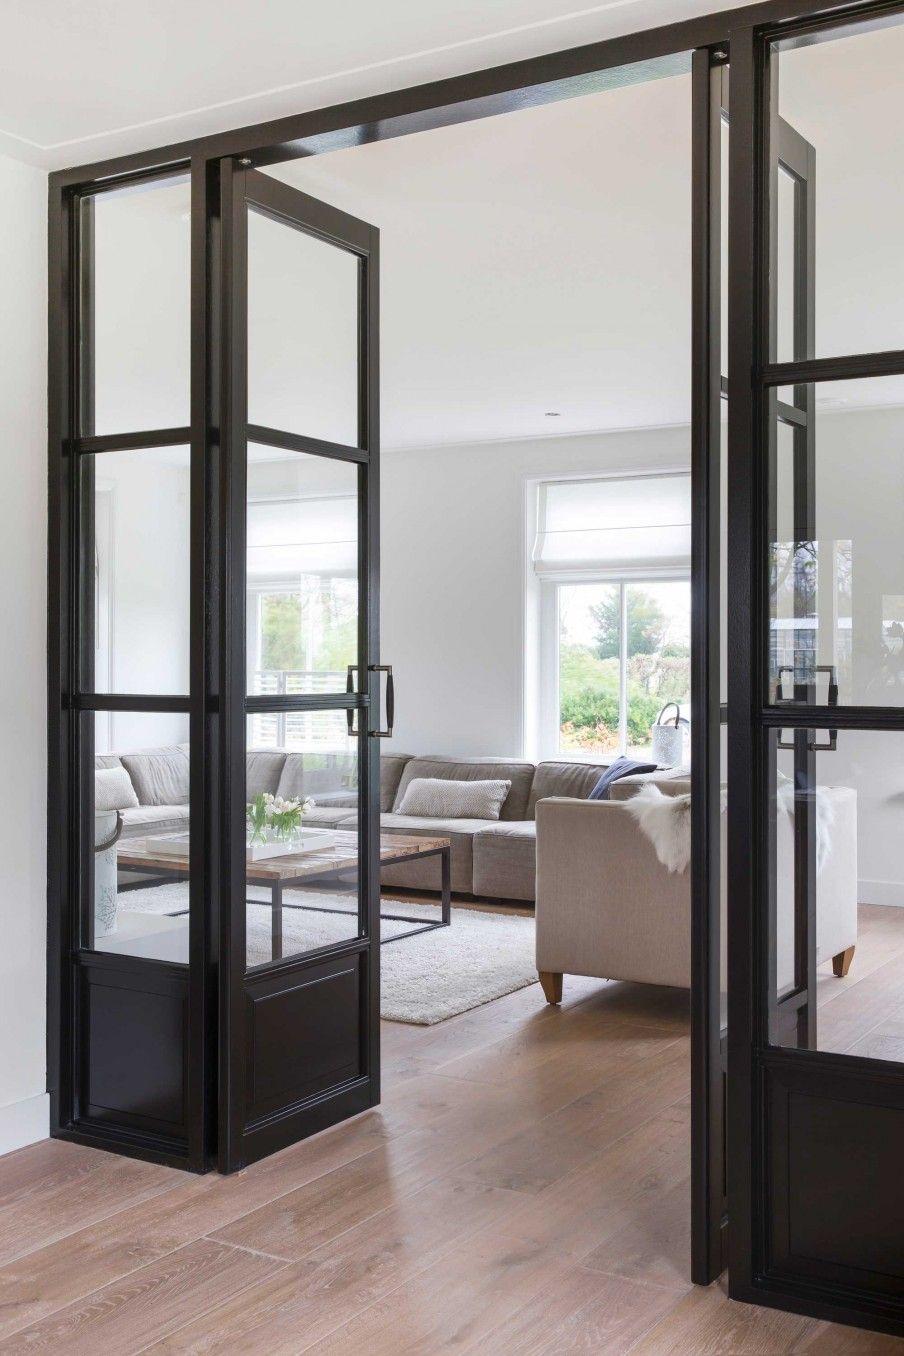 deuren-zwart-glas | Woonkamer | Pinterest - Deuren, Deur woonkamer ...